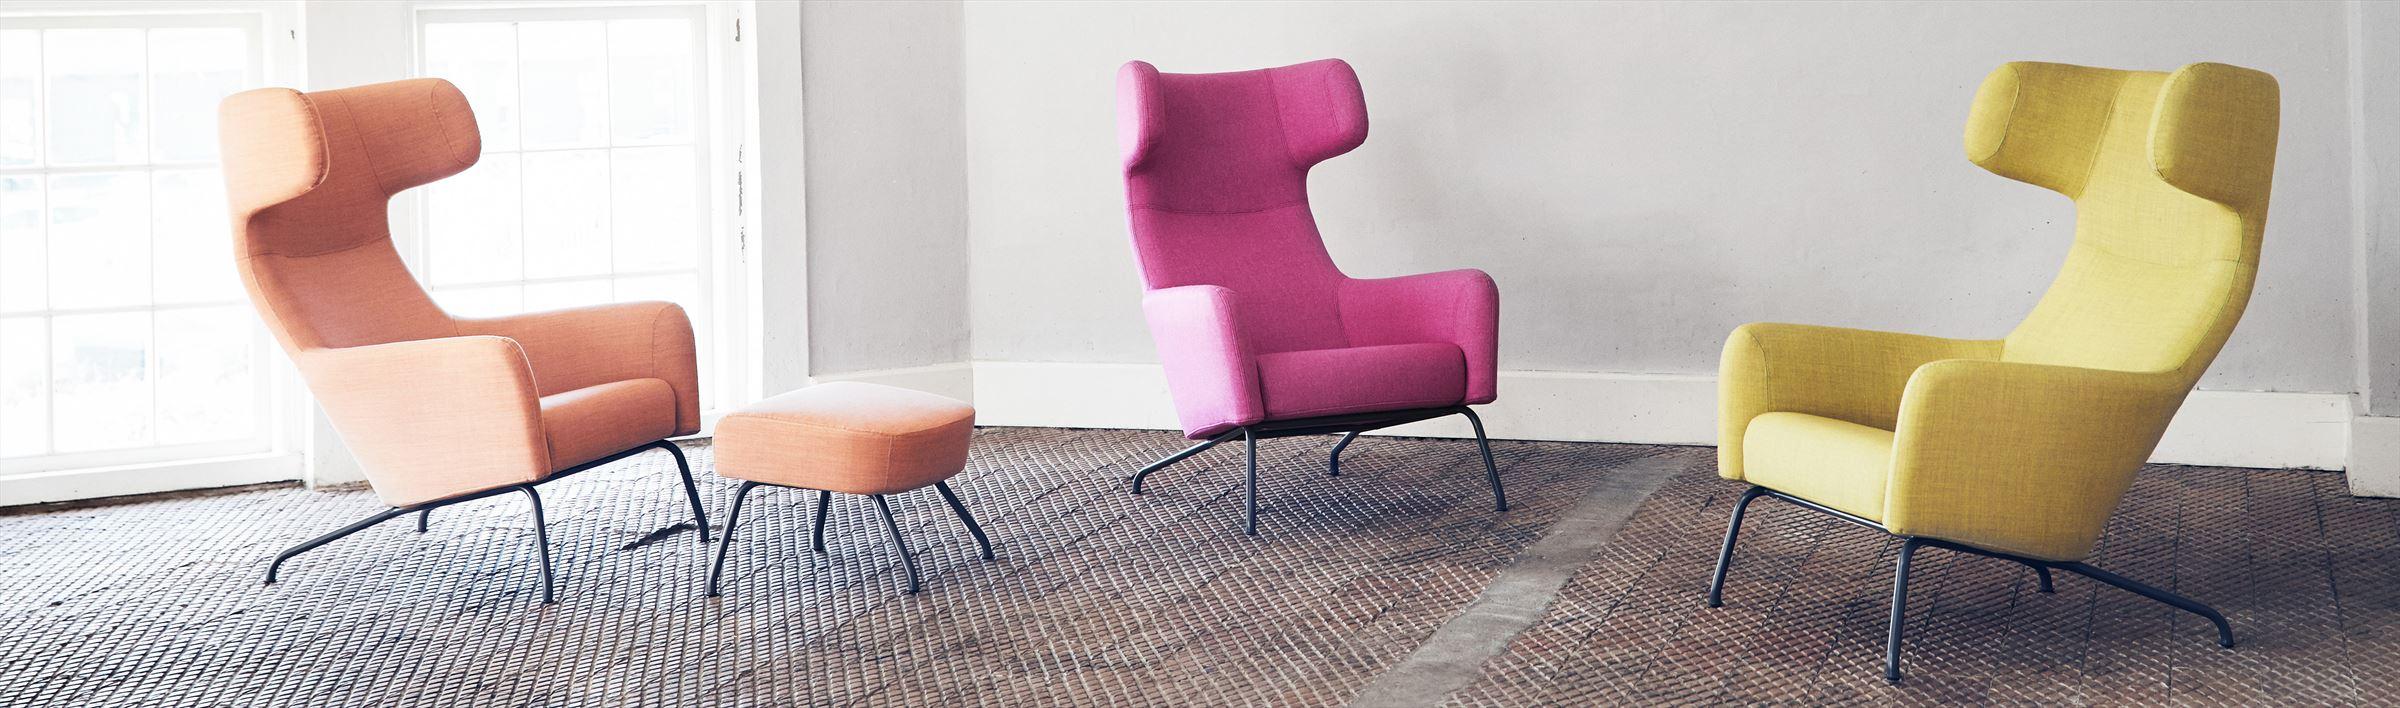 Ontwerp: Busk + Hertzog Een nieuwe klassieker. Comfortabele oorfauteuil voor ontspanning en overpeinzing.  In 2014 bestempeld met de Good Design Award. Perfecte fauteuil voor thuis of in de loungeruimte op kantoor.